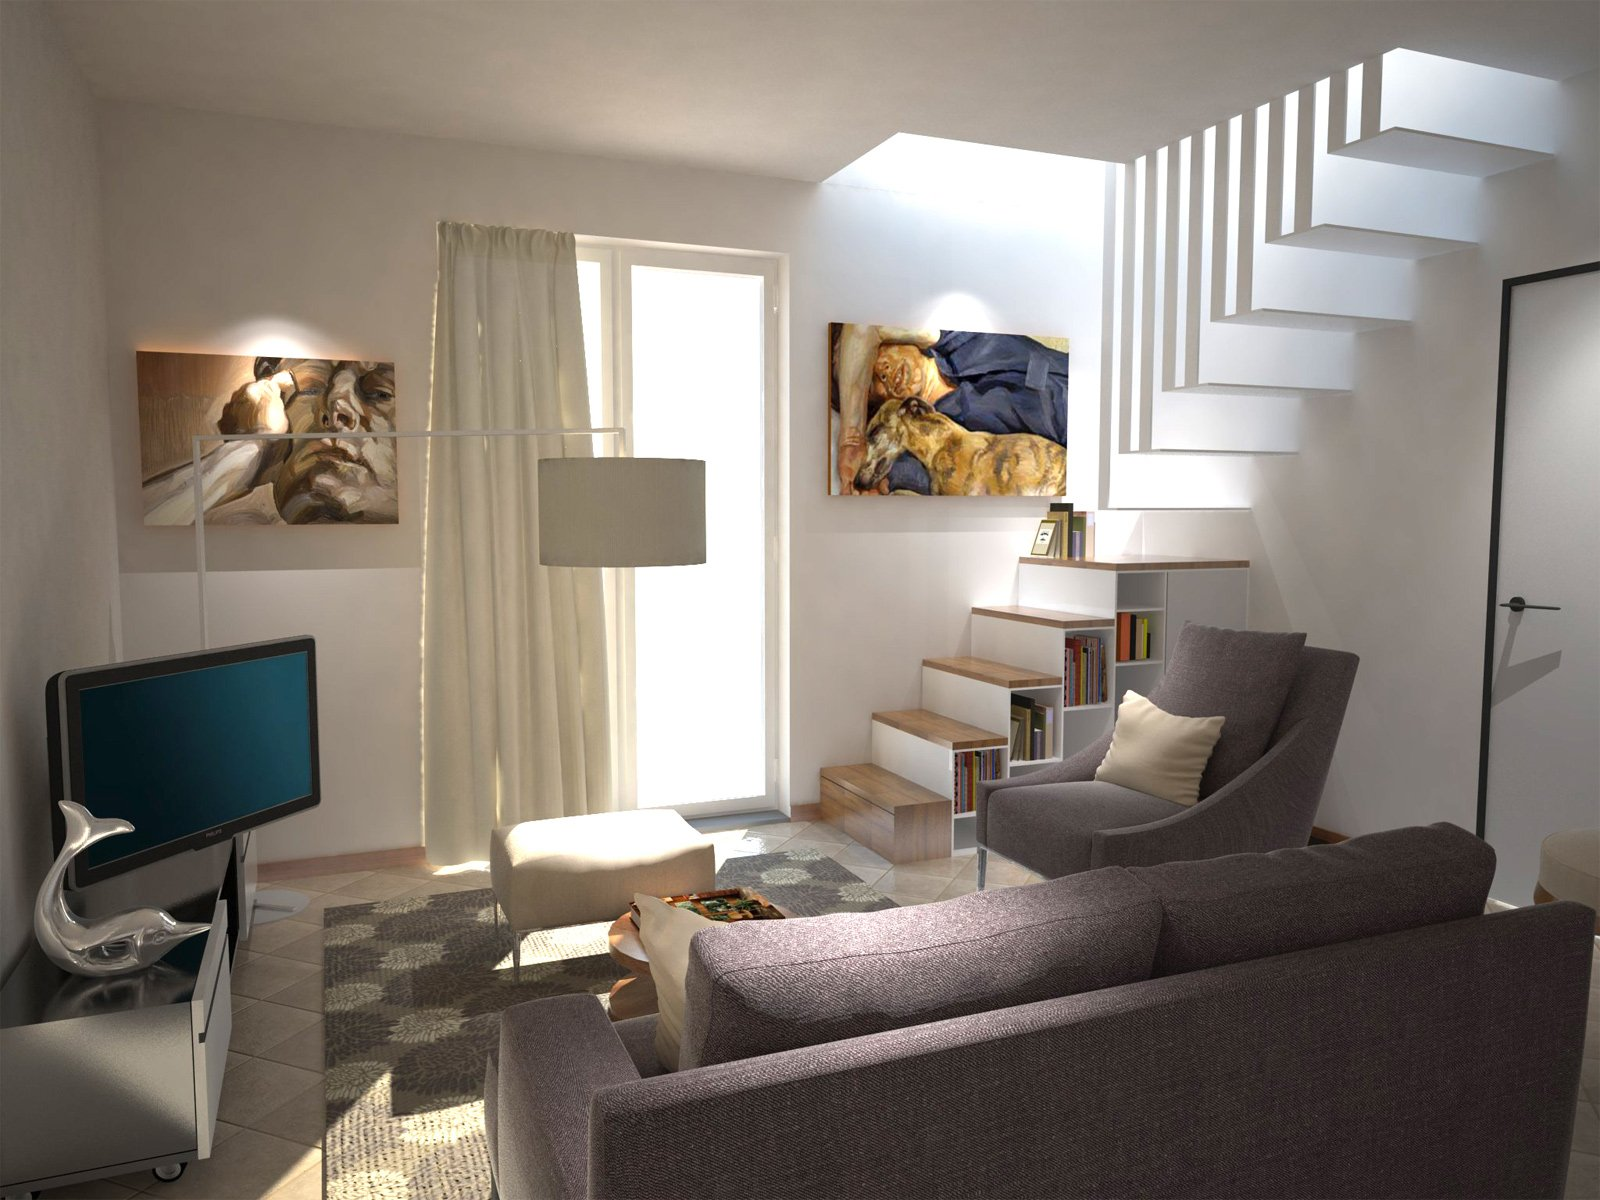 Arredare un soggiorno con tante aperture sulle pareti for Mensole per quadri